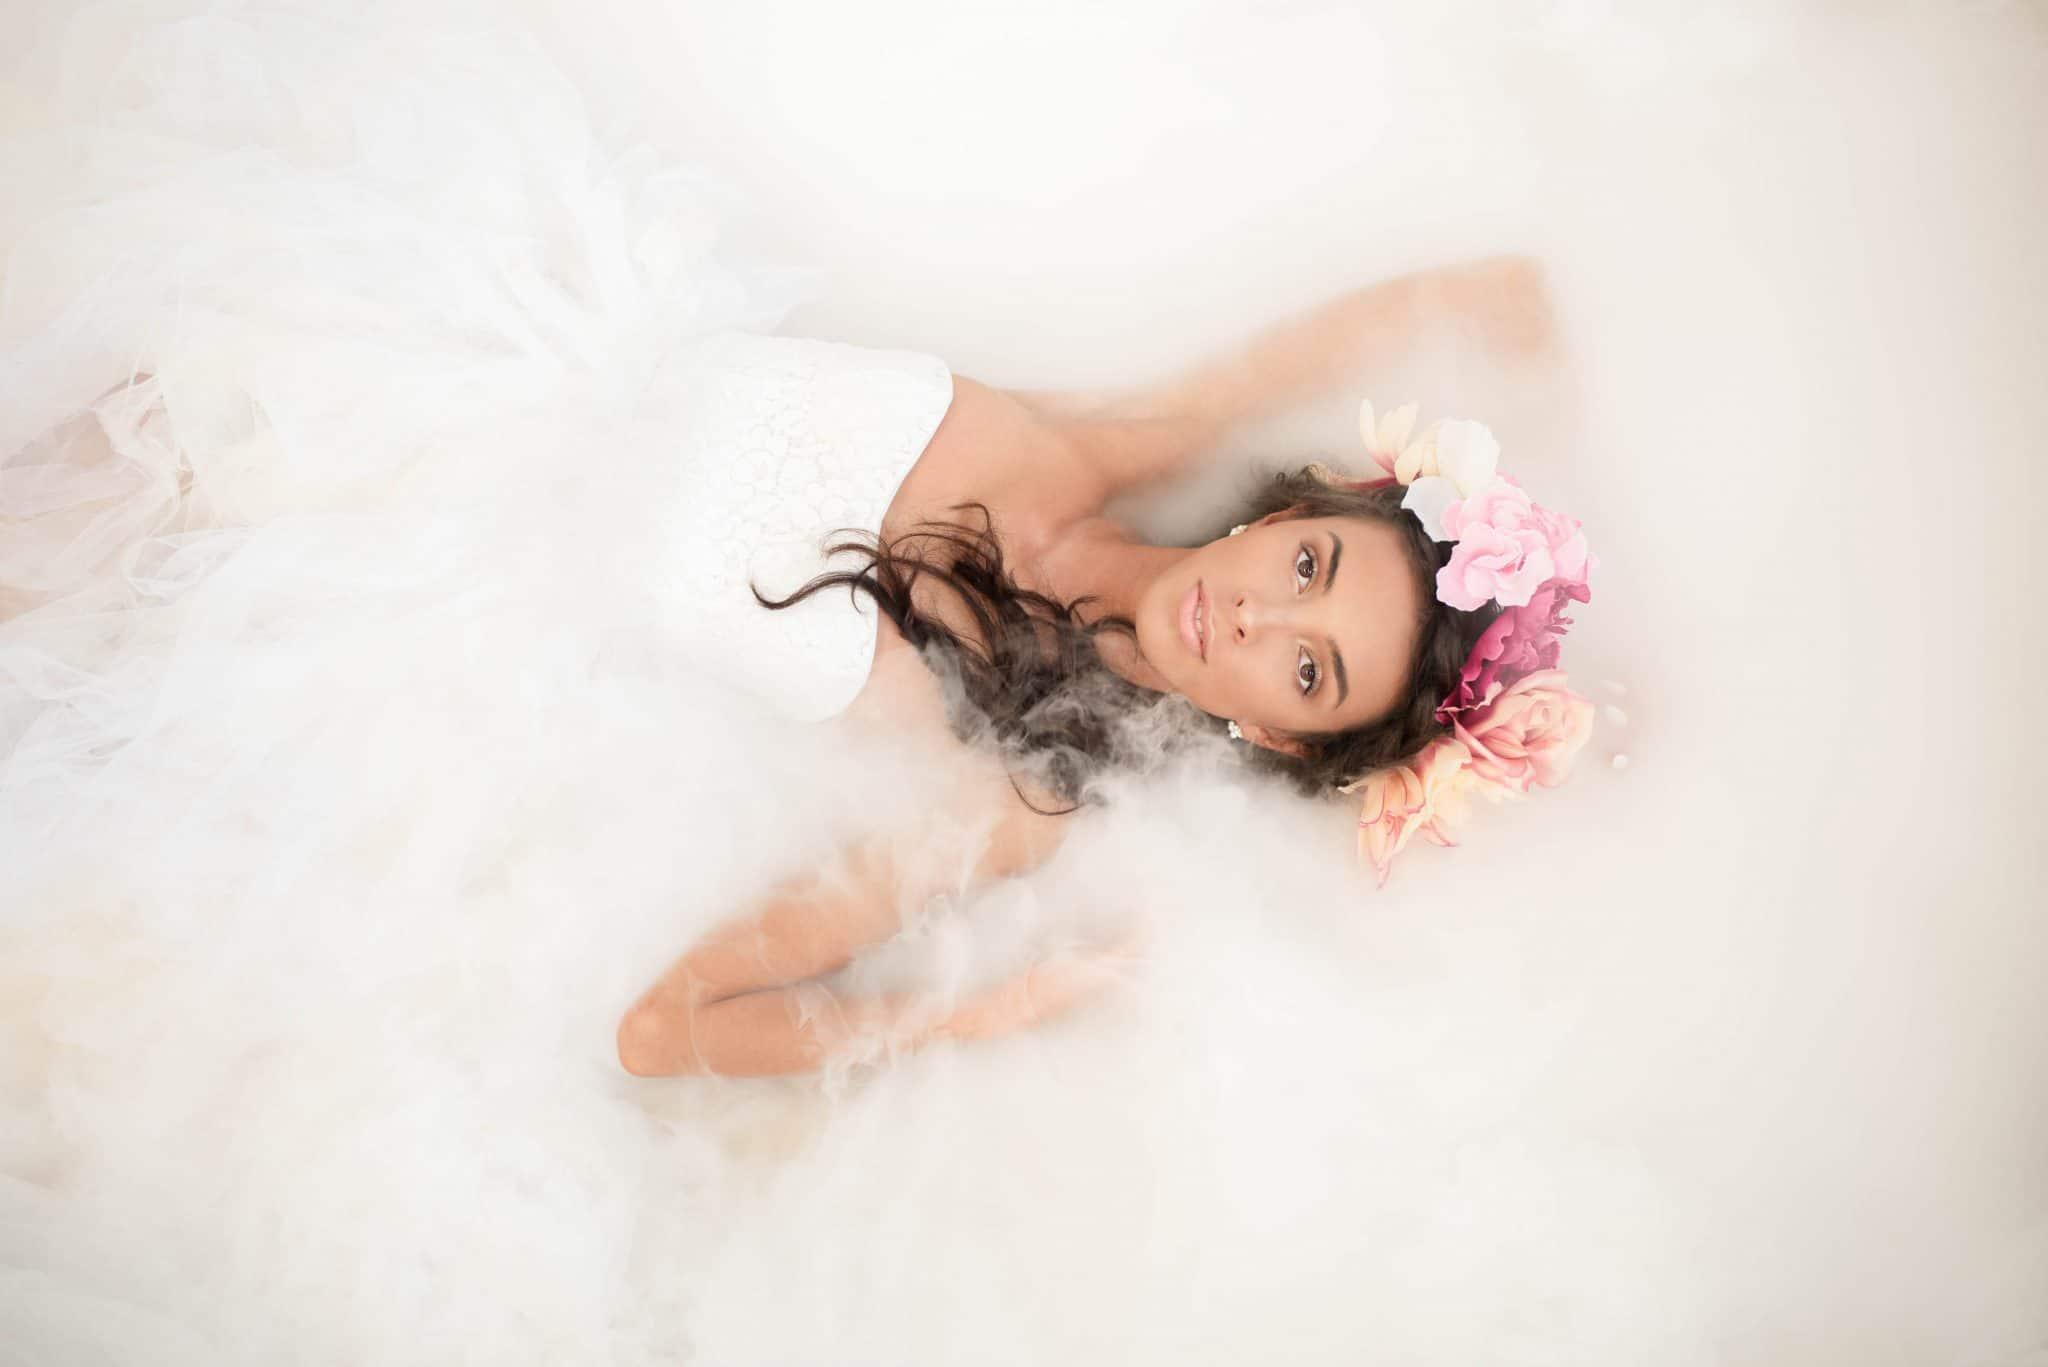 Boudoir und Portrait Fotografie Trockeneis nebel in romantischer Stimmung Trockeneis Fotoshooting